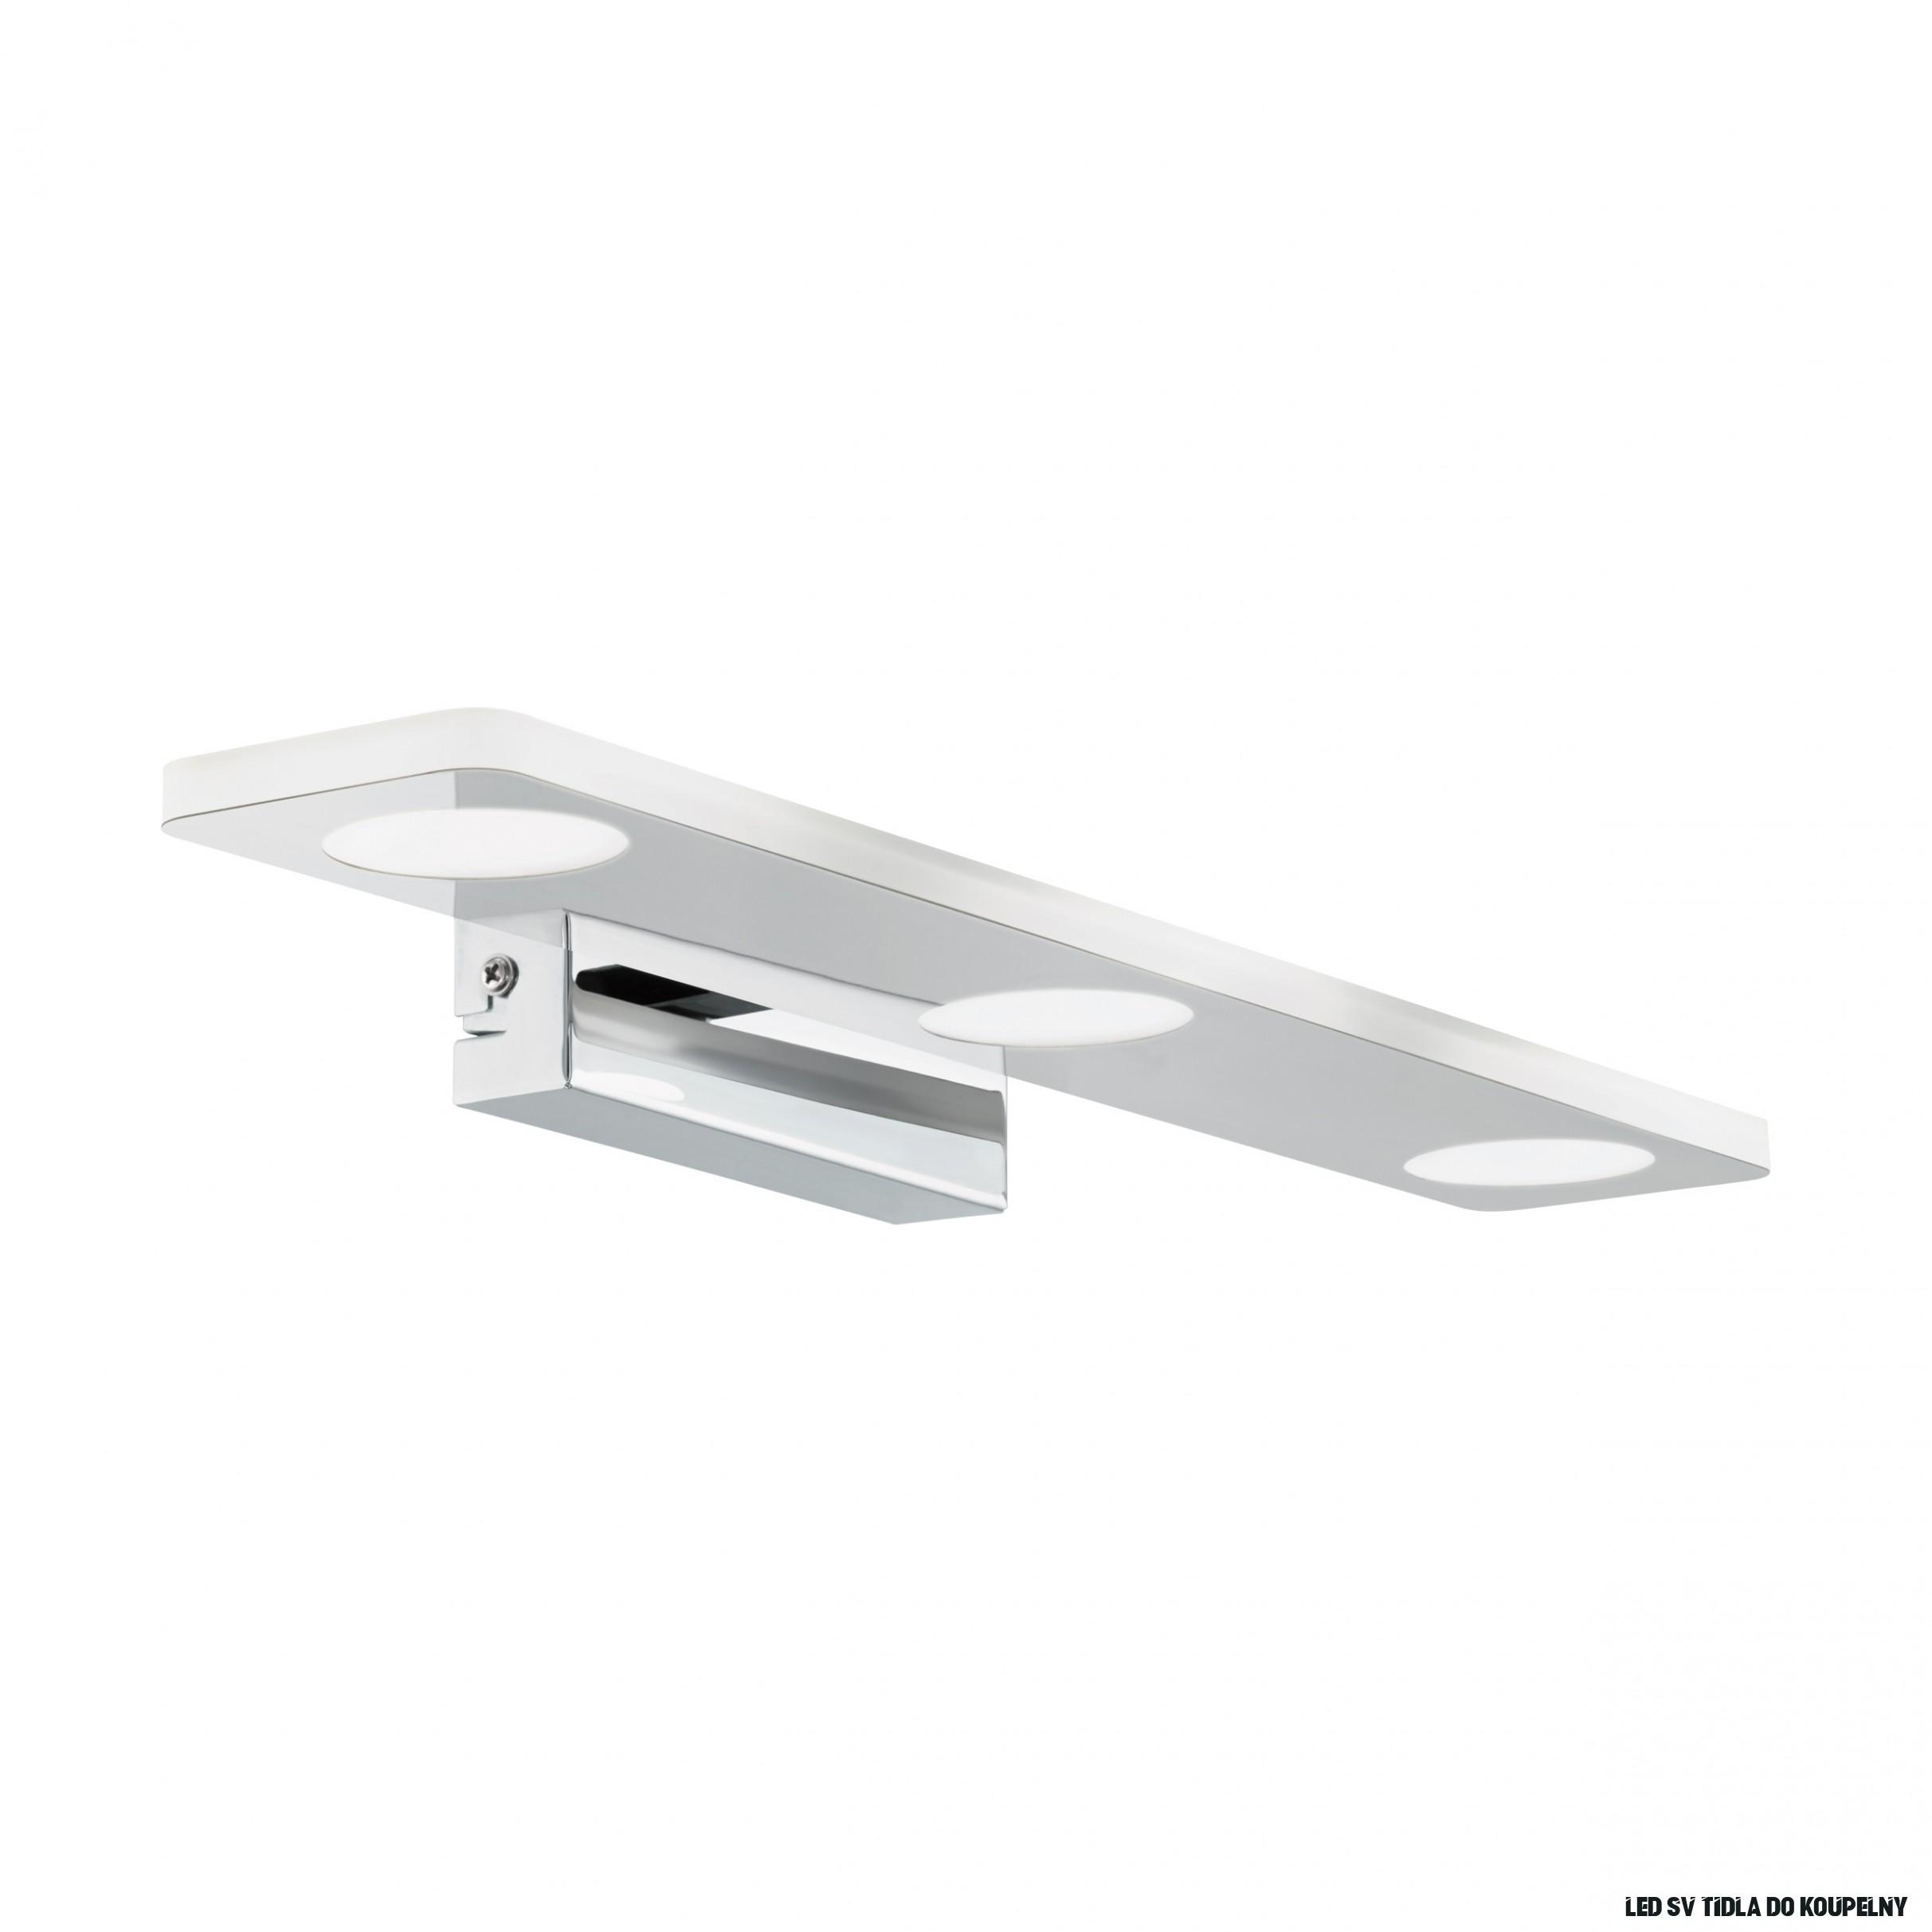 Eglo 14 CABUS - LED moderní nástěnné svítidlo do koupelny IP14, 14,14W,  14K